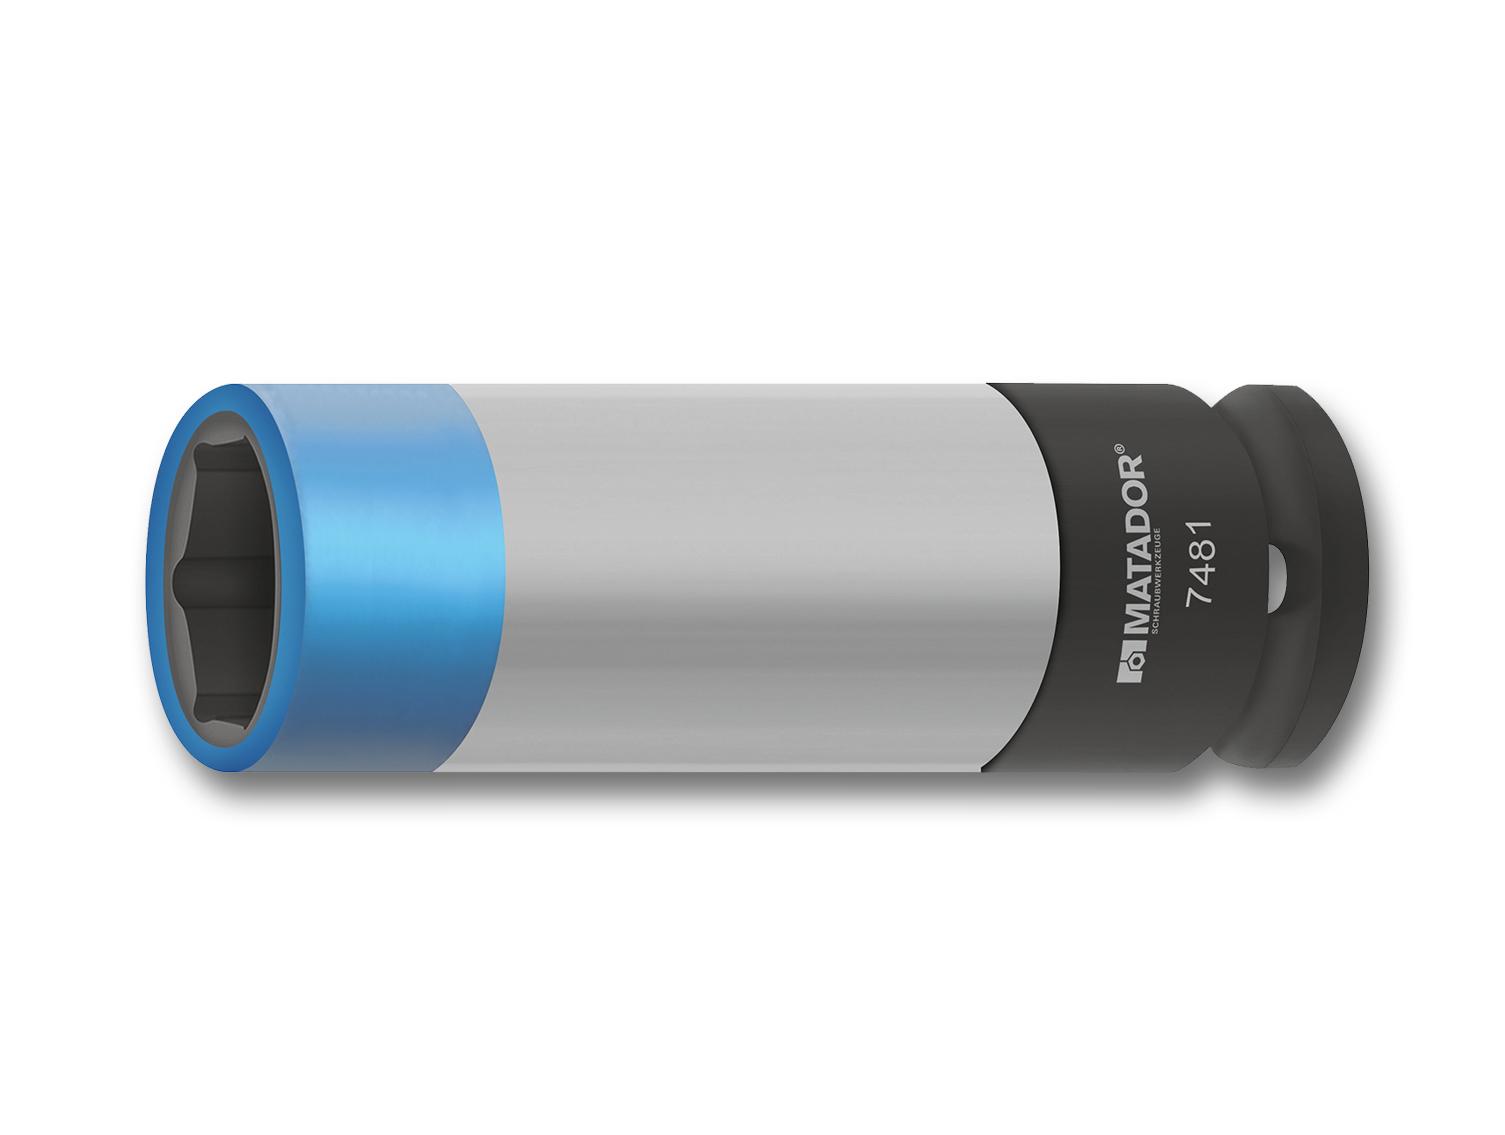 Slim-Power Alufelgen Kraftsteckschlüssel für Maschinenbetätigung mit MATADOR Smart Drive-Profil.